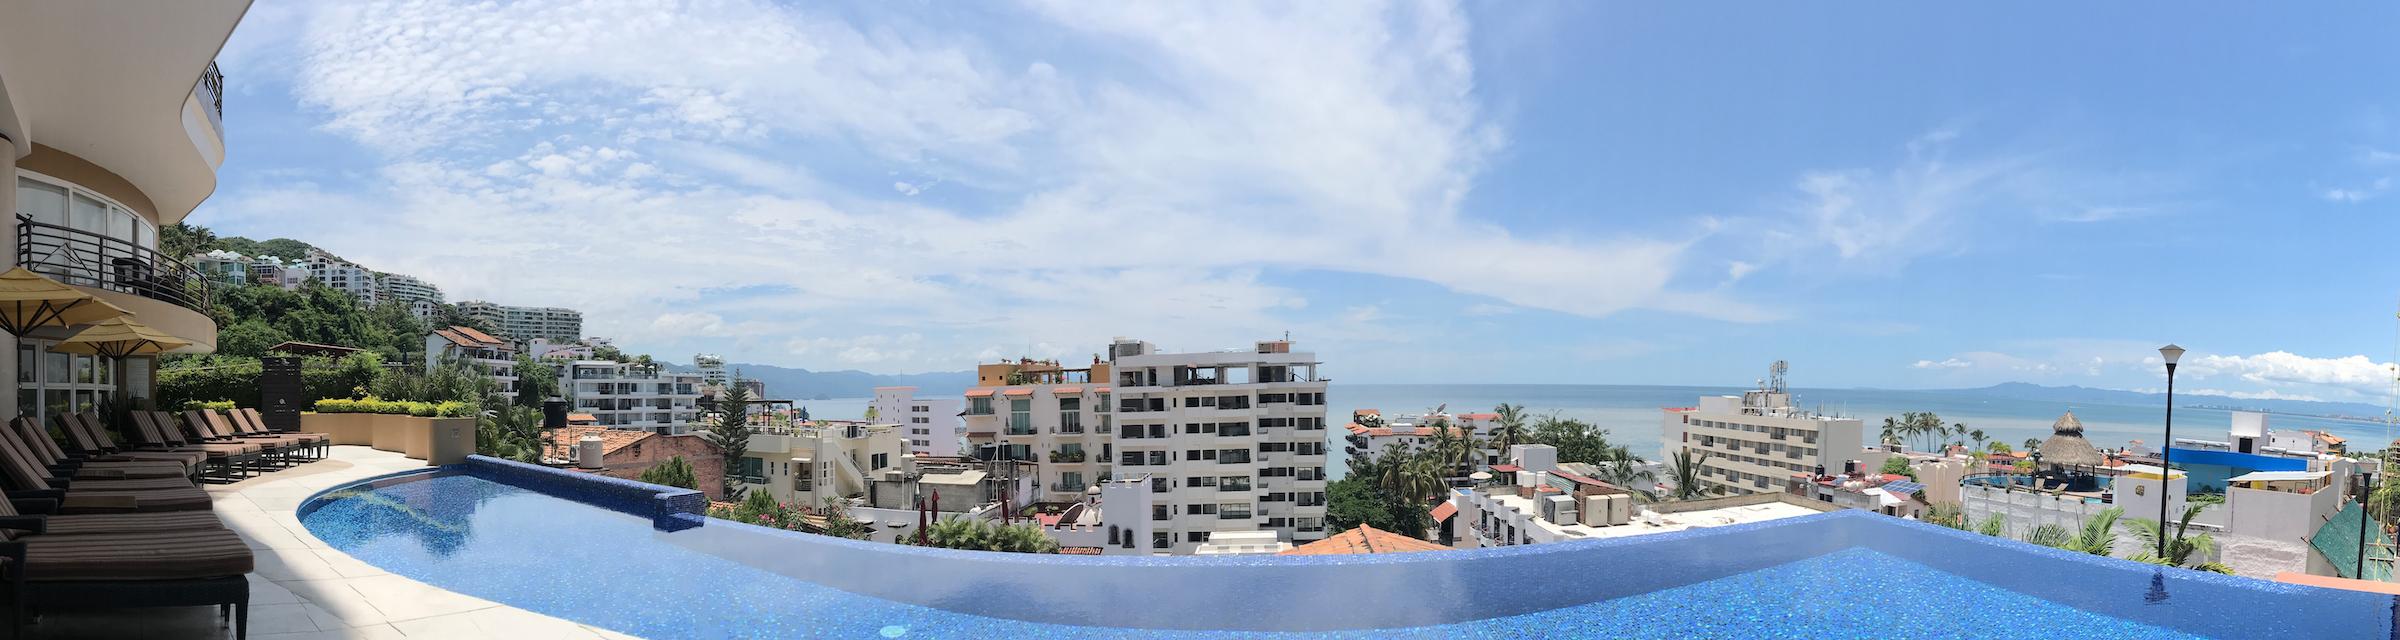 Josh Miller_runJMrun_Puerto Vallarta 16.jpg